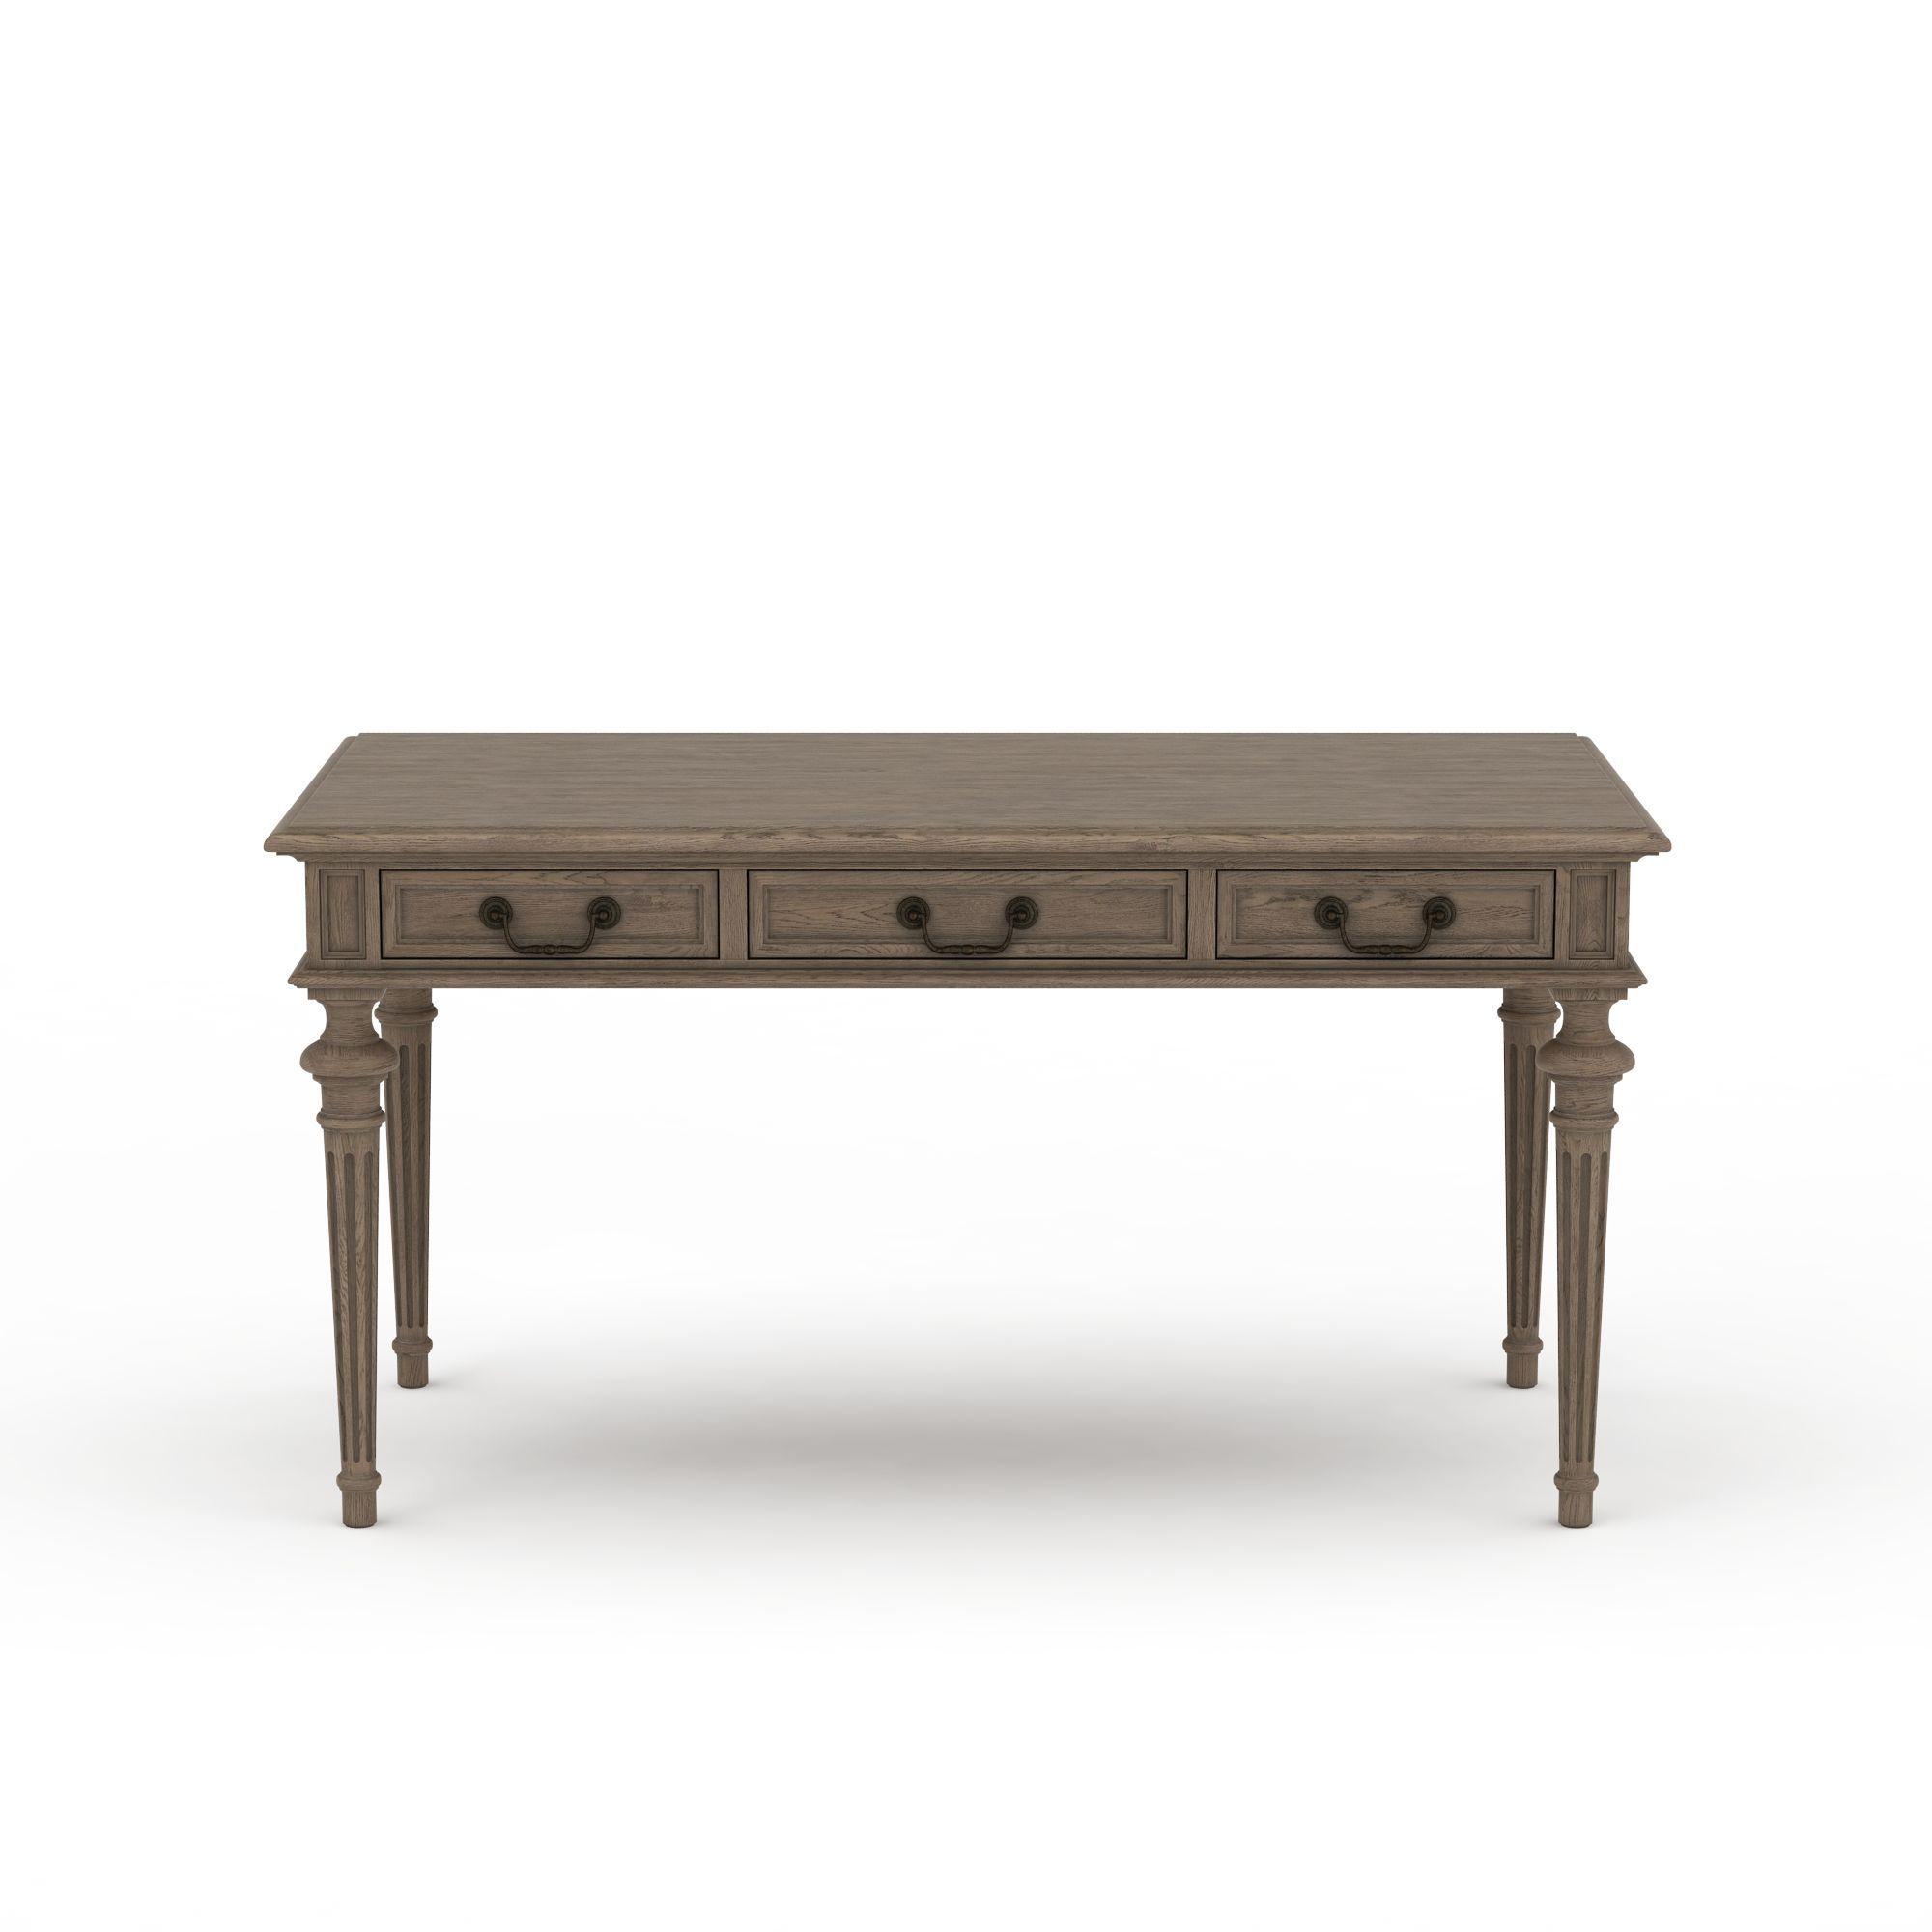 实木桌子高清图下载